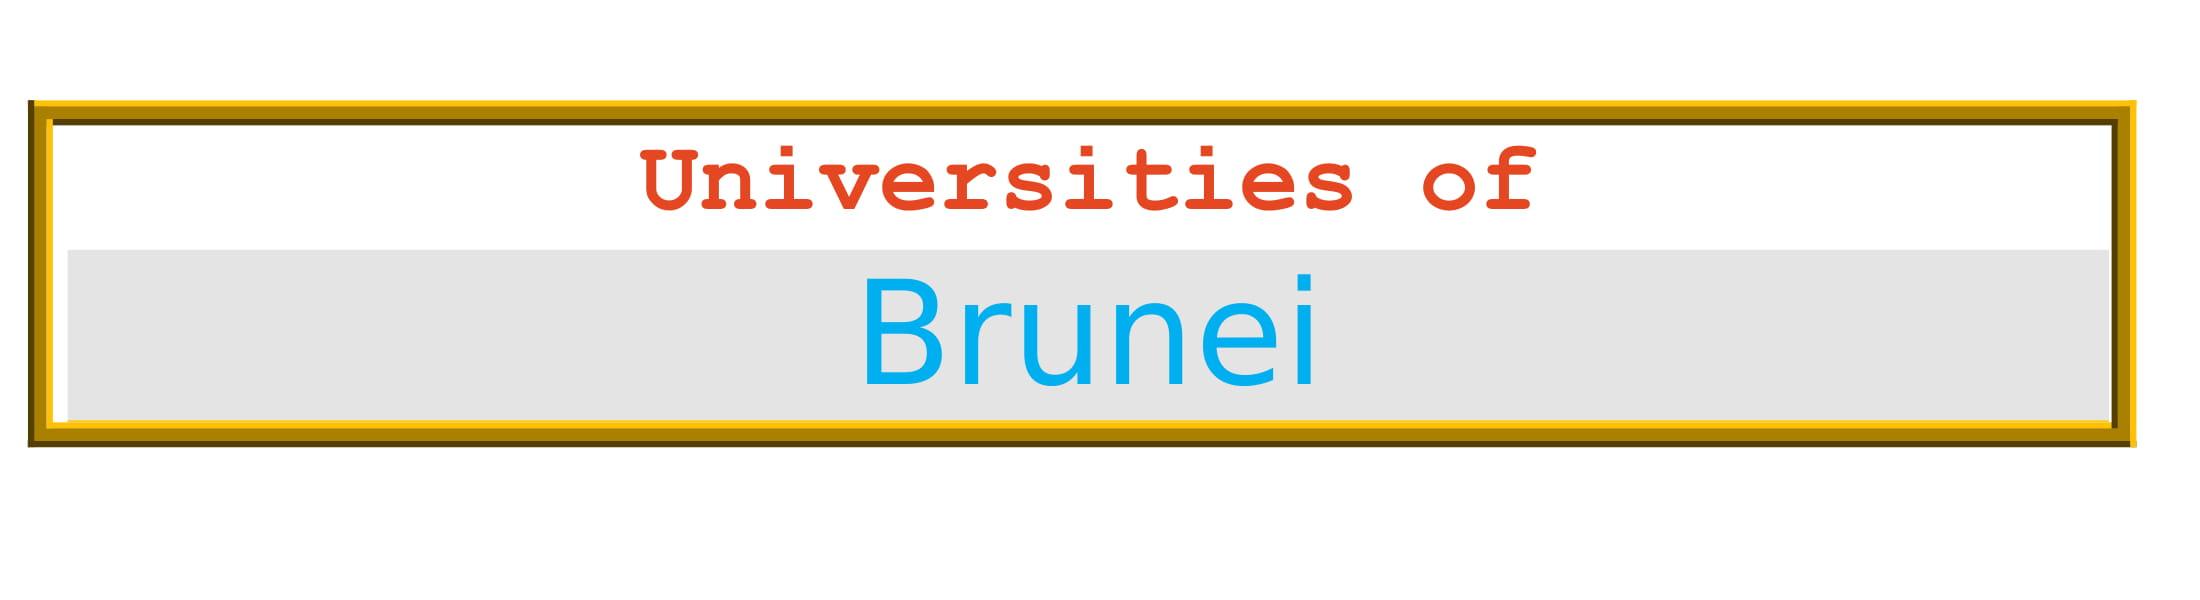 List of Universities in Brunei